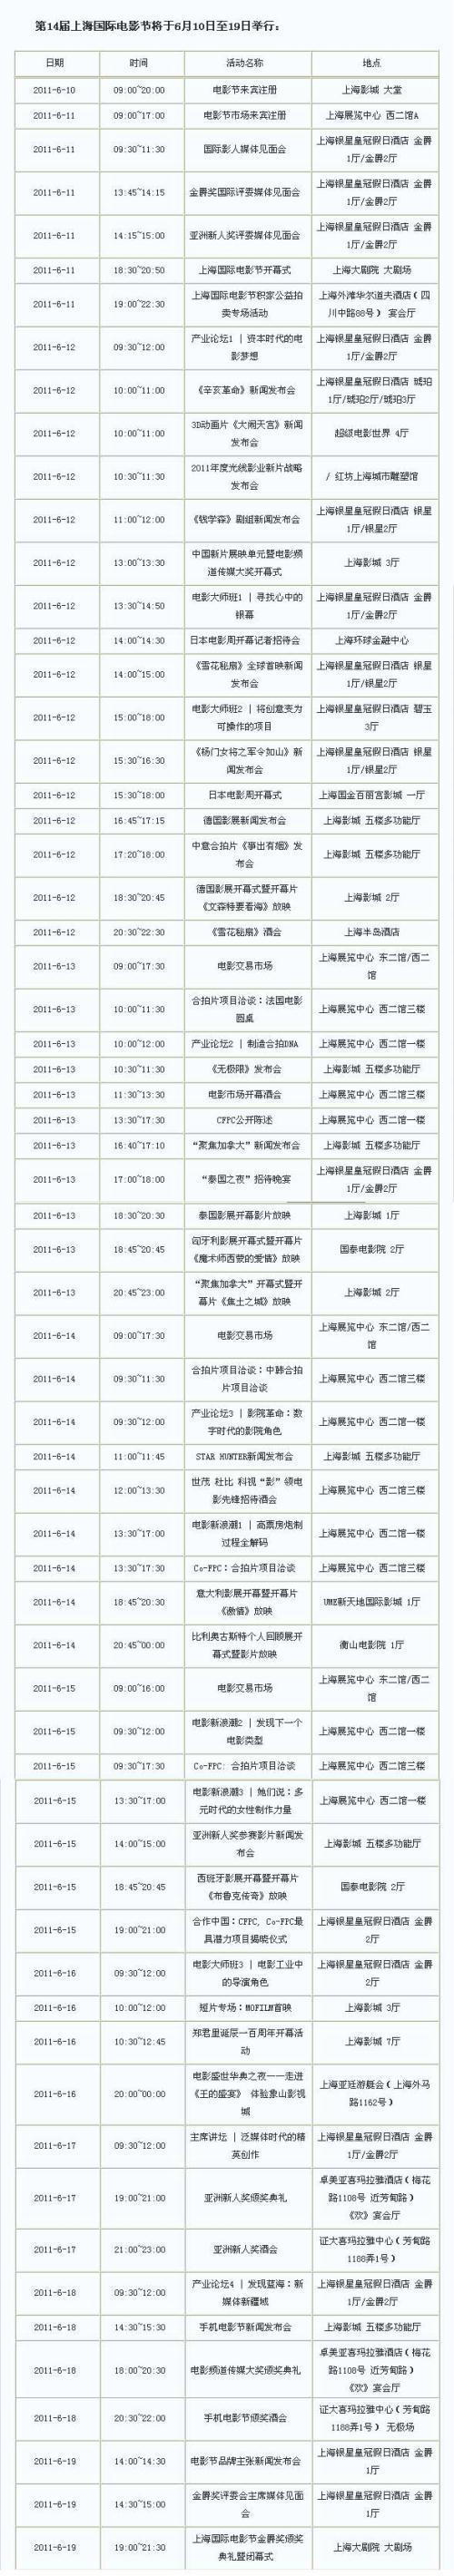 第十四届上海国际电影节日程安排表